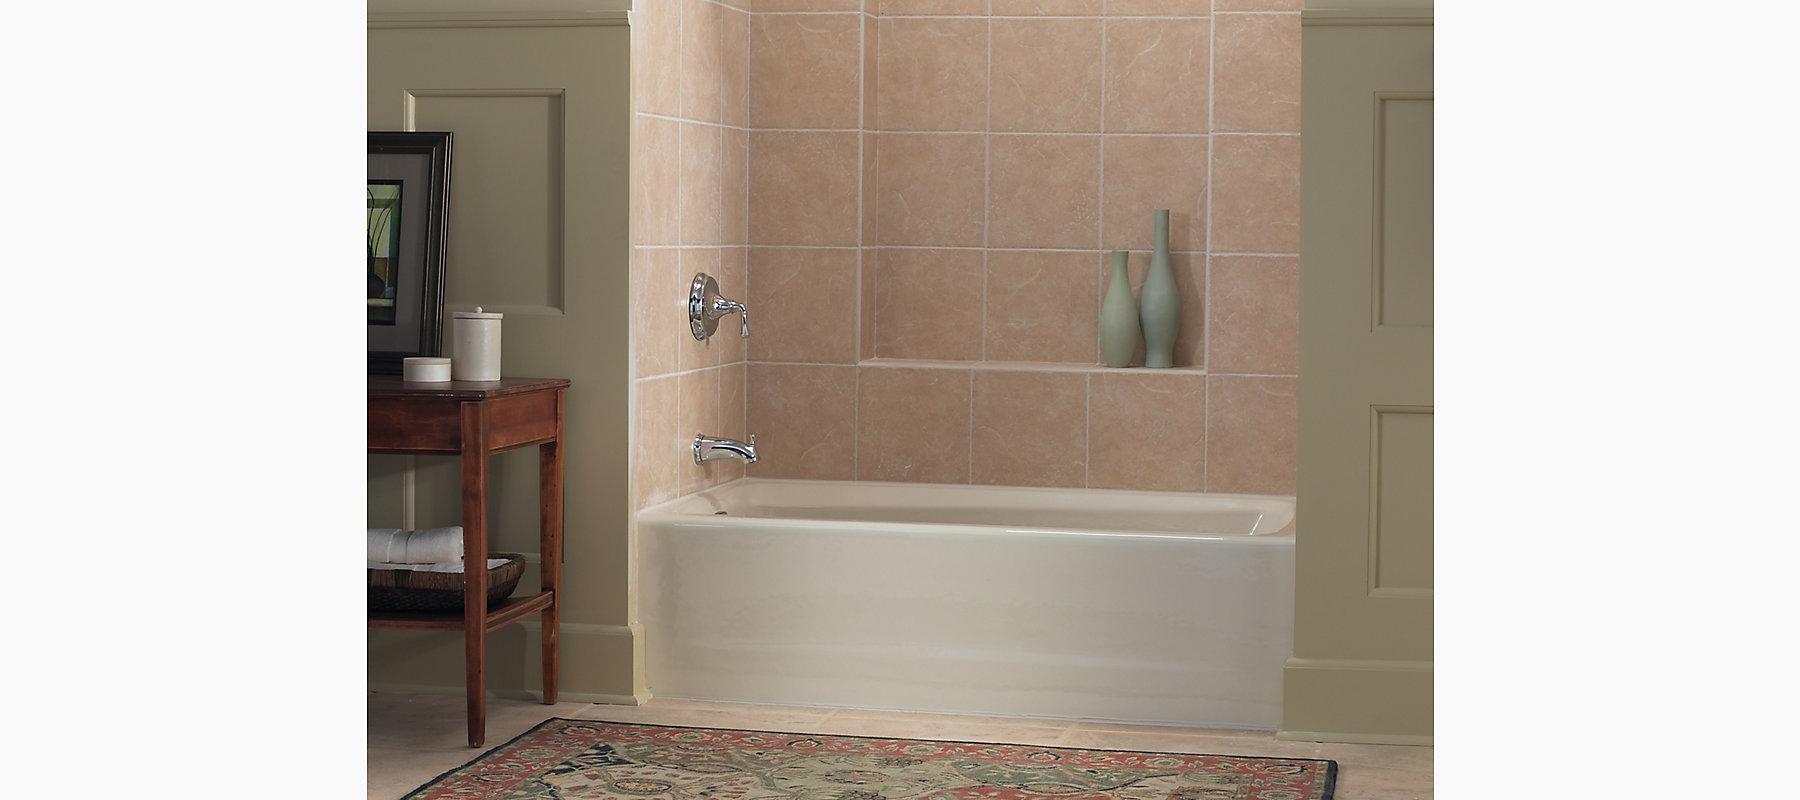 Kohler Mendota Bathtub - Bathtub Ideas